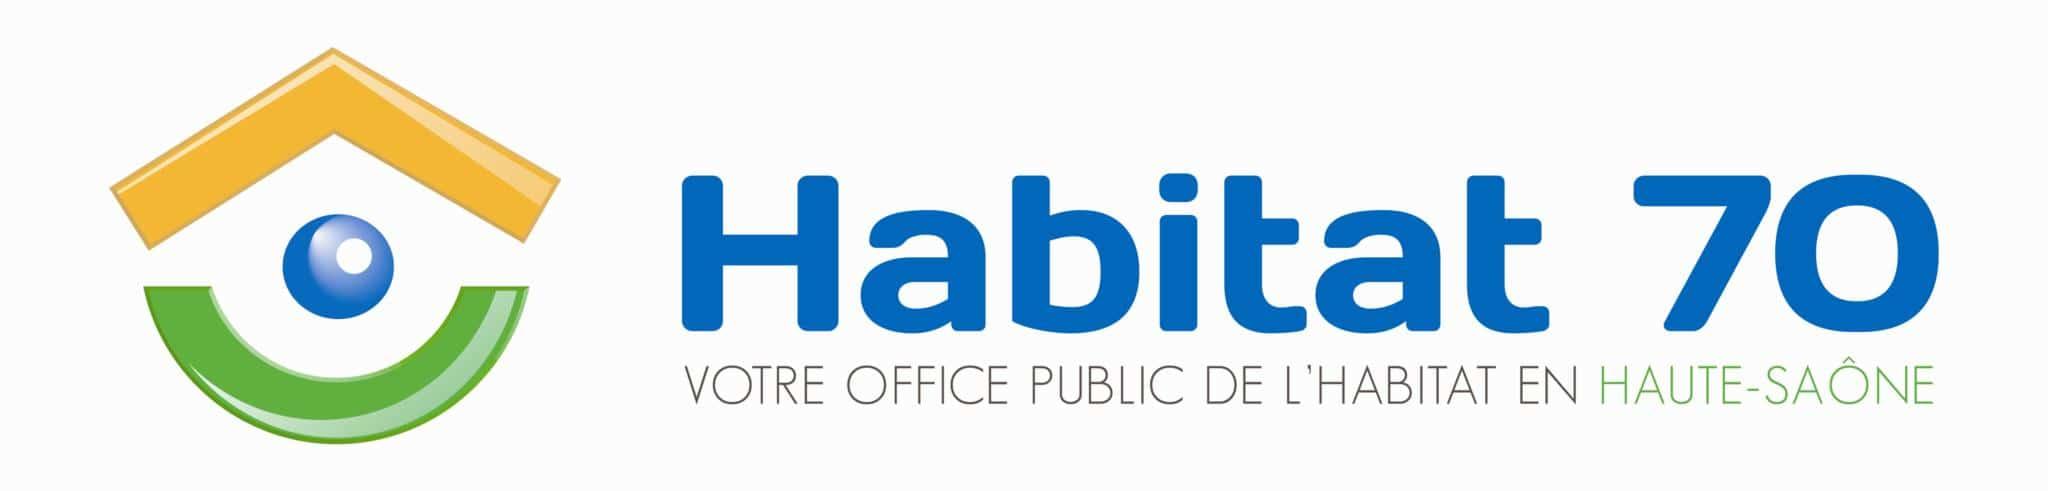 habitat70-leblog.fr